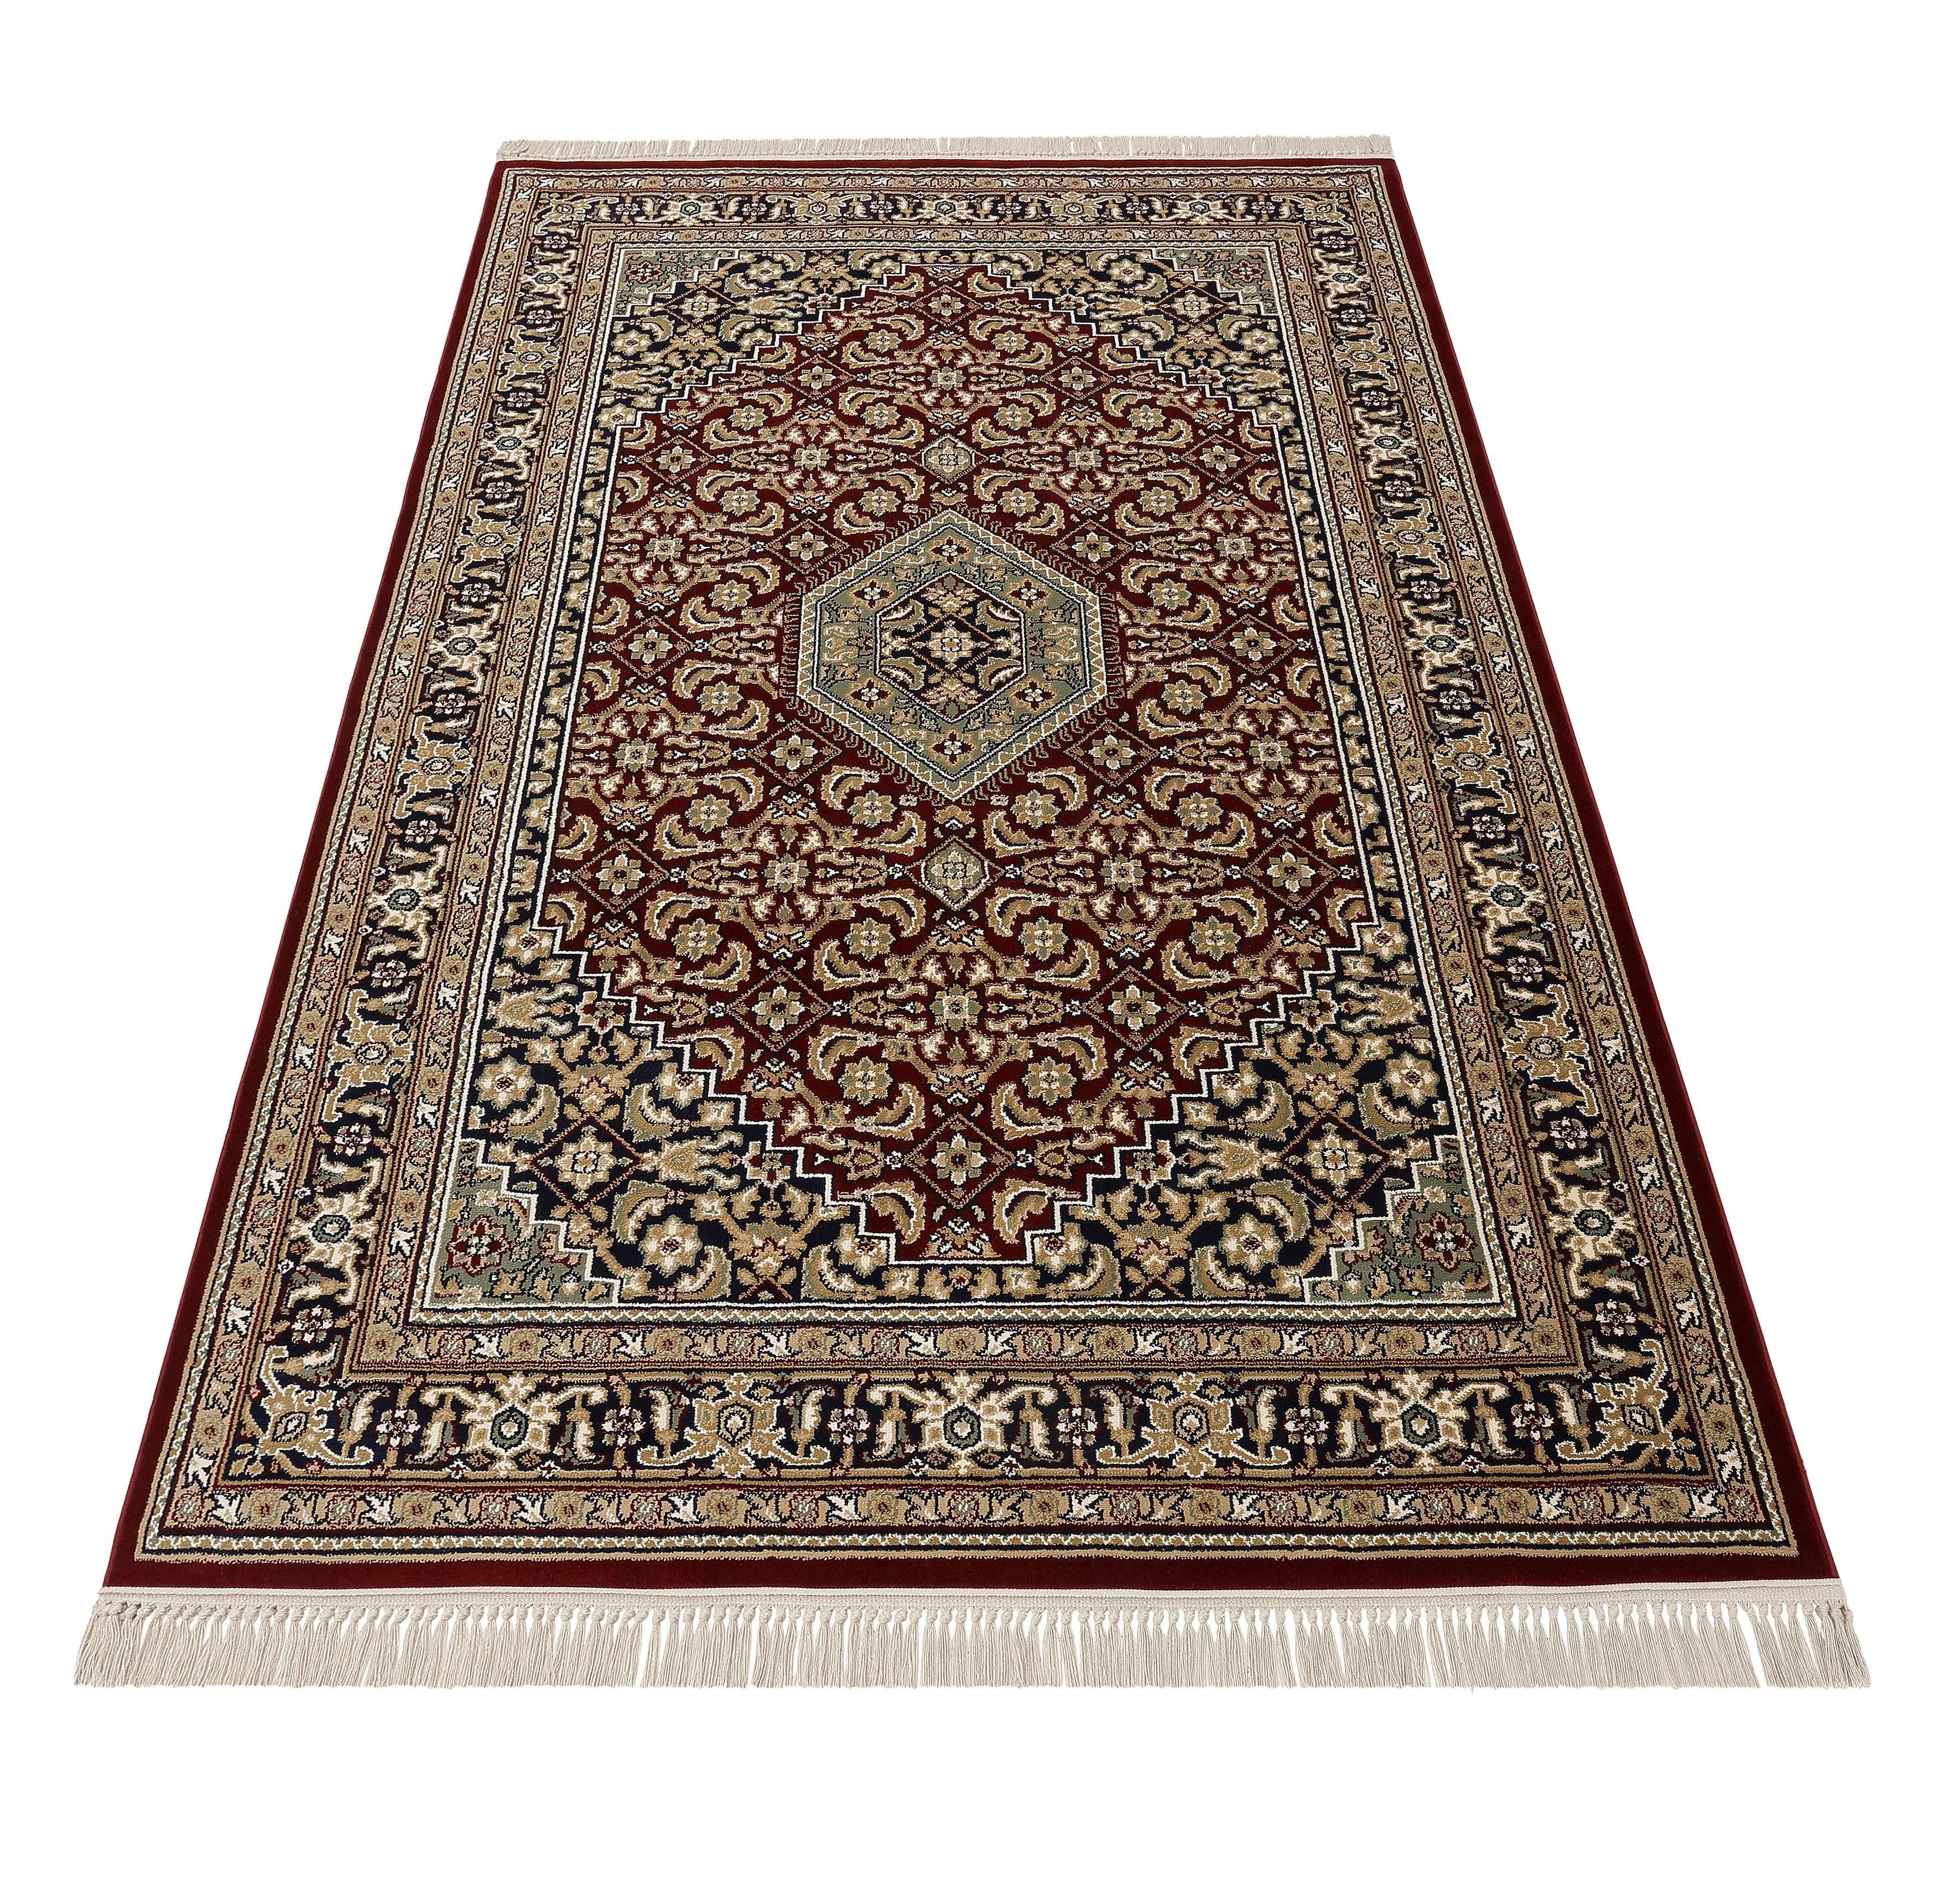 Orientteppich »Kassandra«, Home affaire, rechteckig, Höhe 9 mm, gewebt